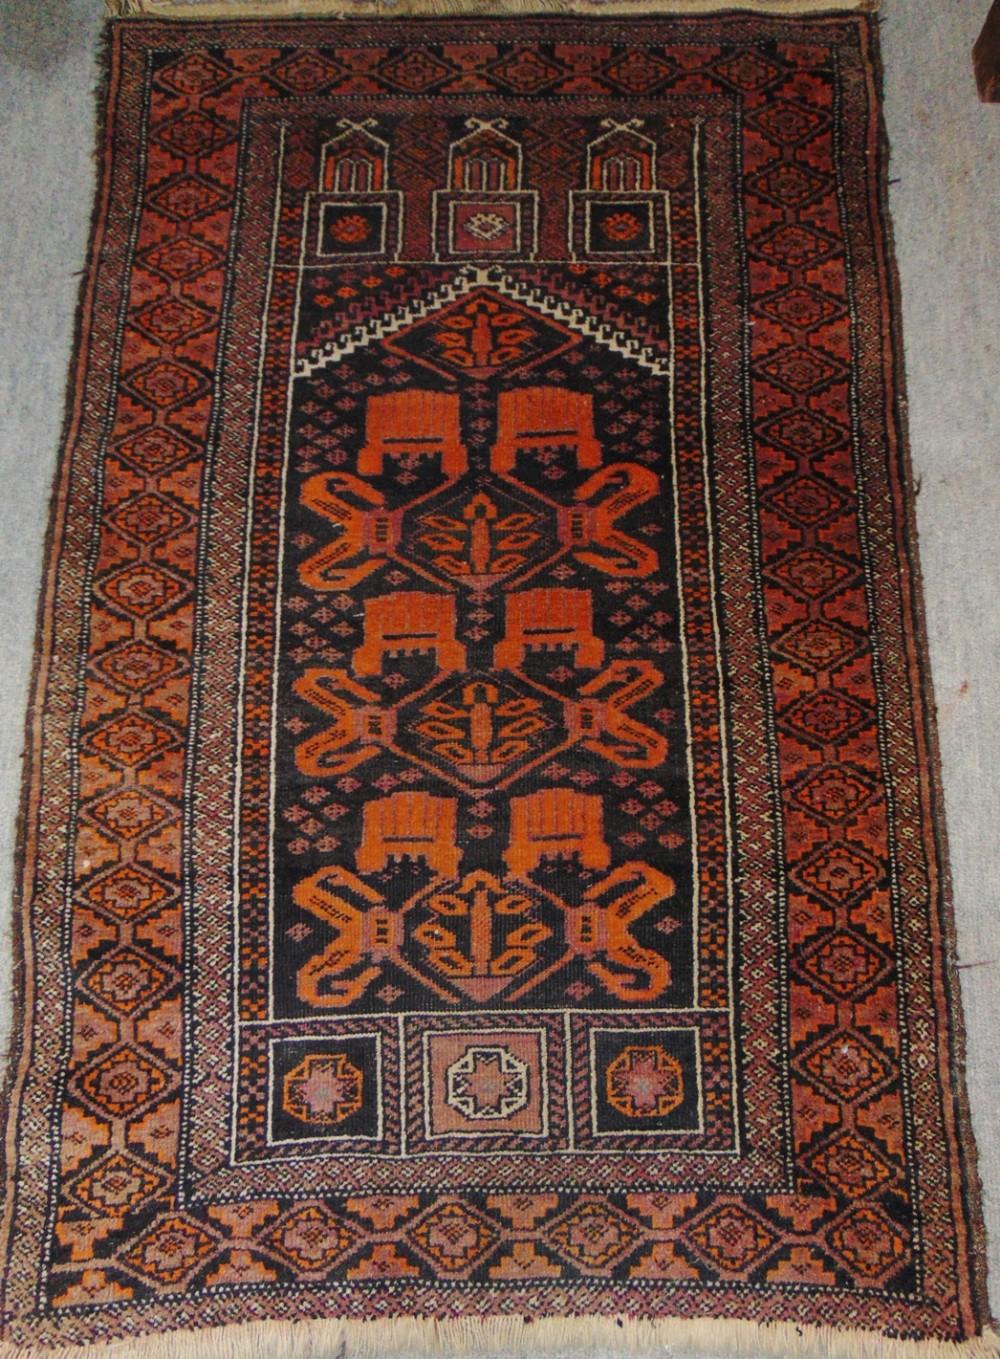 antique persian balouche prayer rug circa 1925